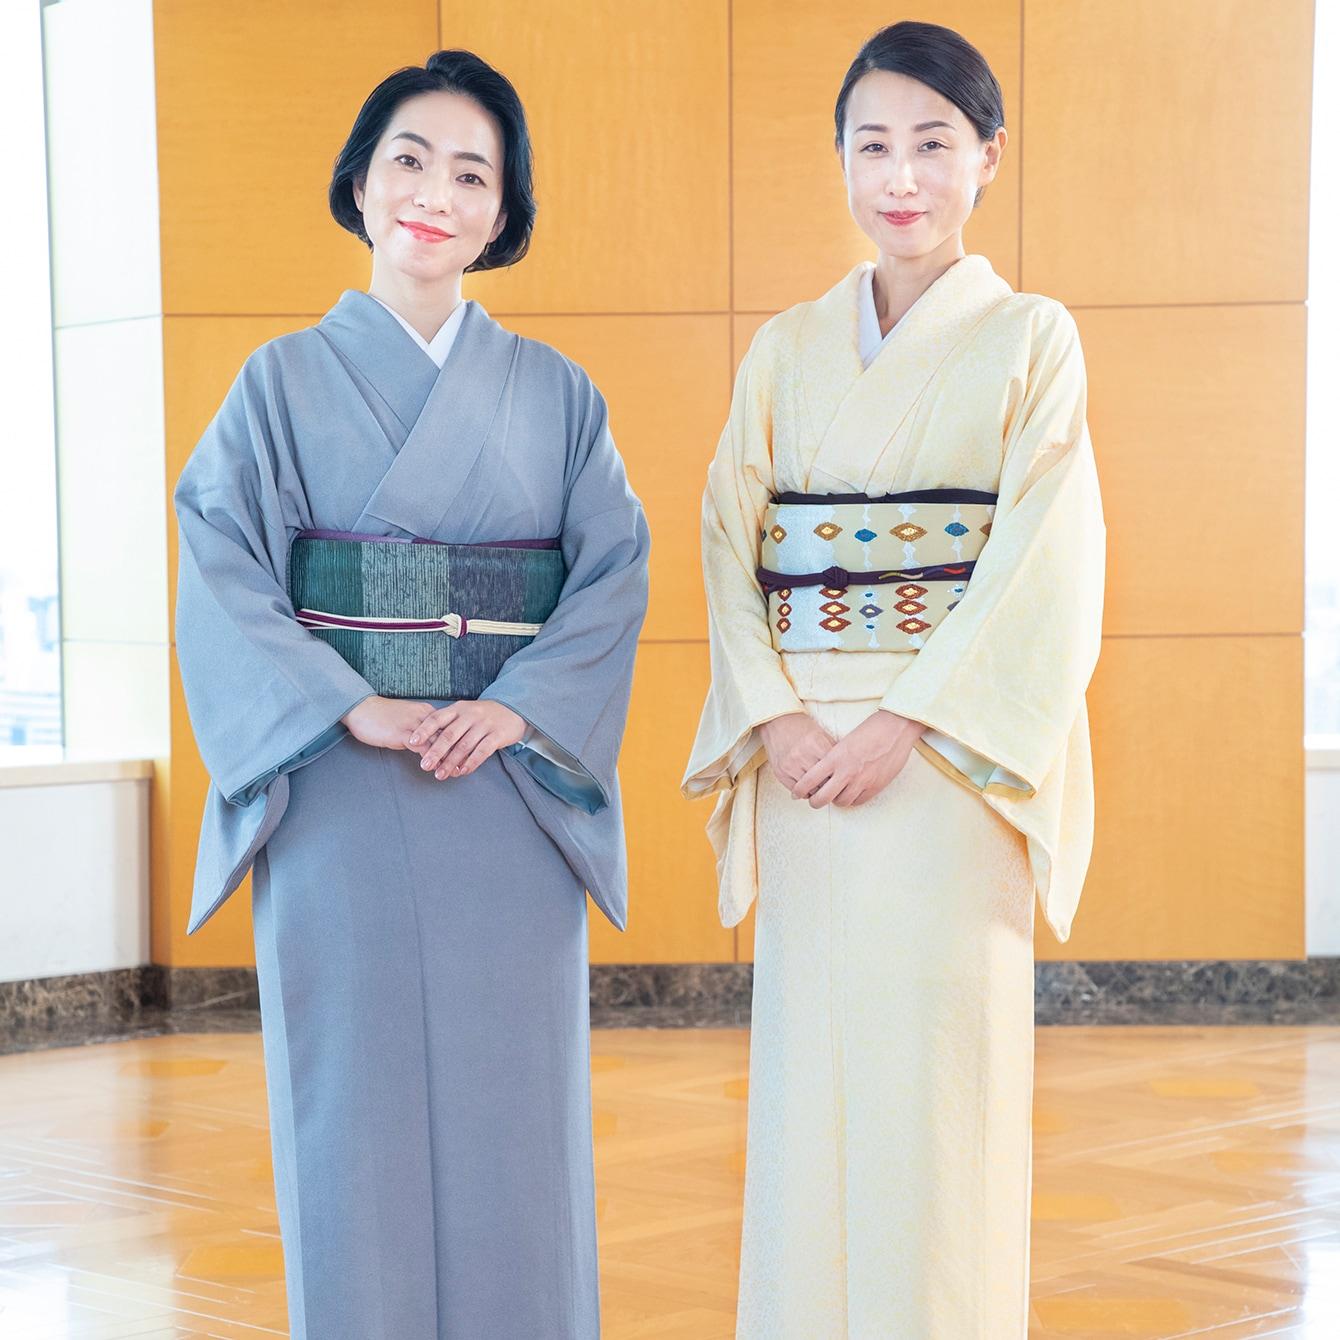 【卒業・入学式の着物】日常ファッションとしても楽しめる一枚の賢い選び方